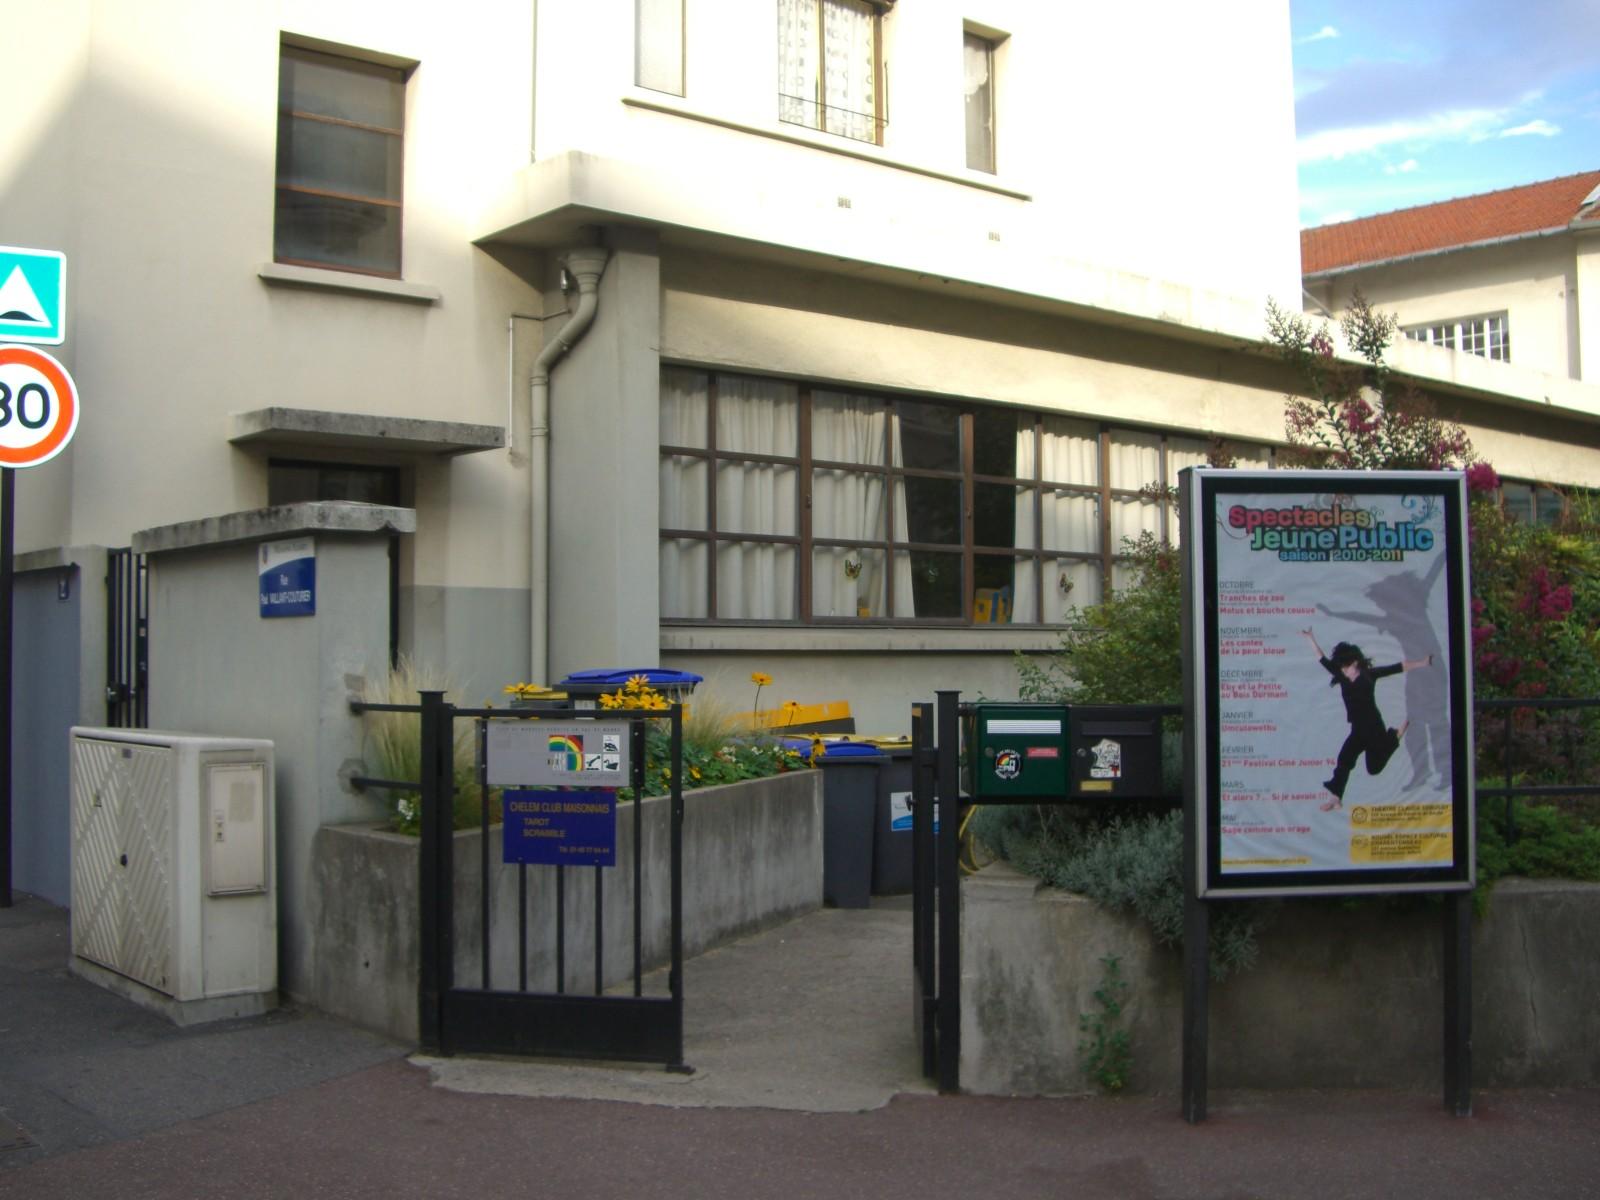 Bureaux De Vote Maisons Alfort : Le club